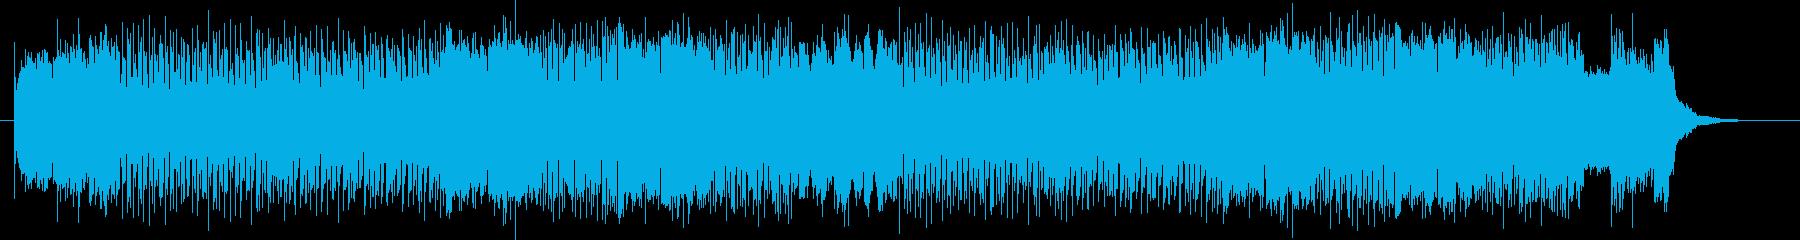 パンクロックで躍動感あるエレキサウンドの再生済みの波形